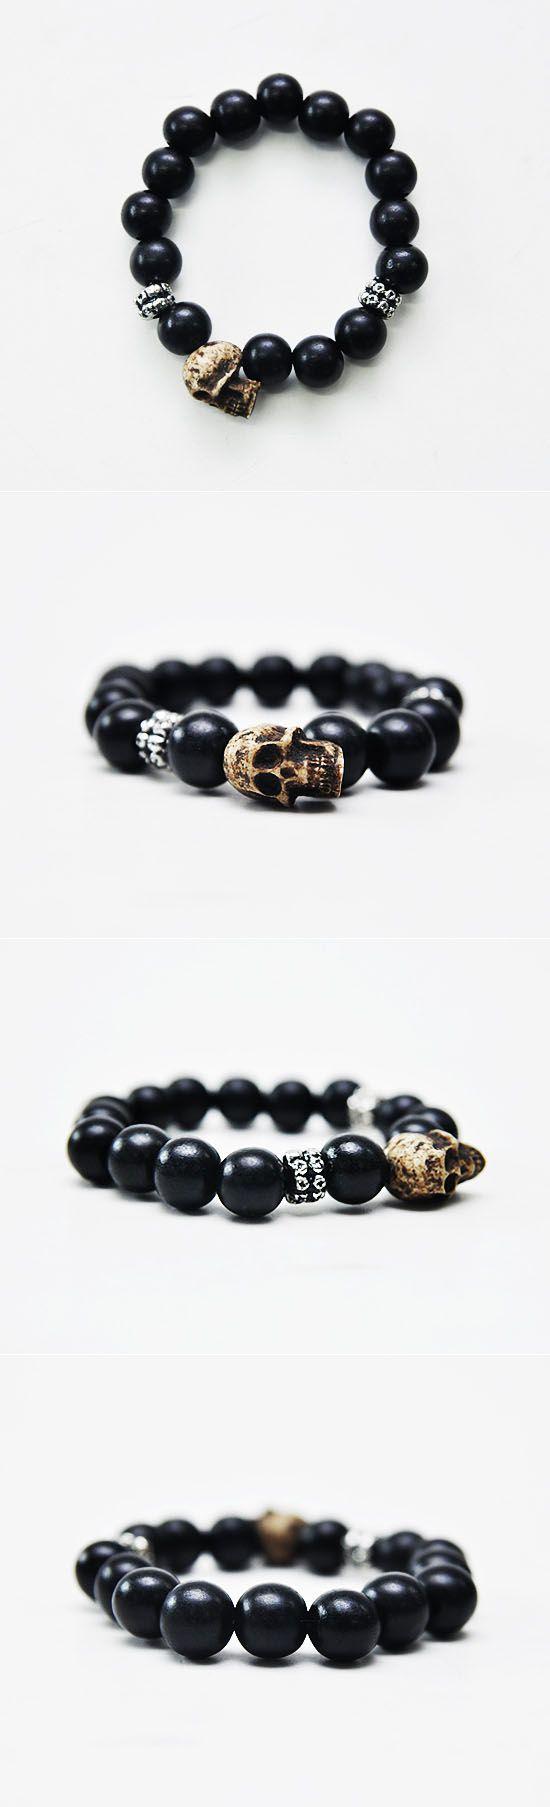 Mens Antique Skull Charm Wood Beads Bracelet By Guylook